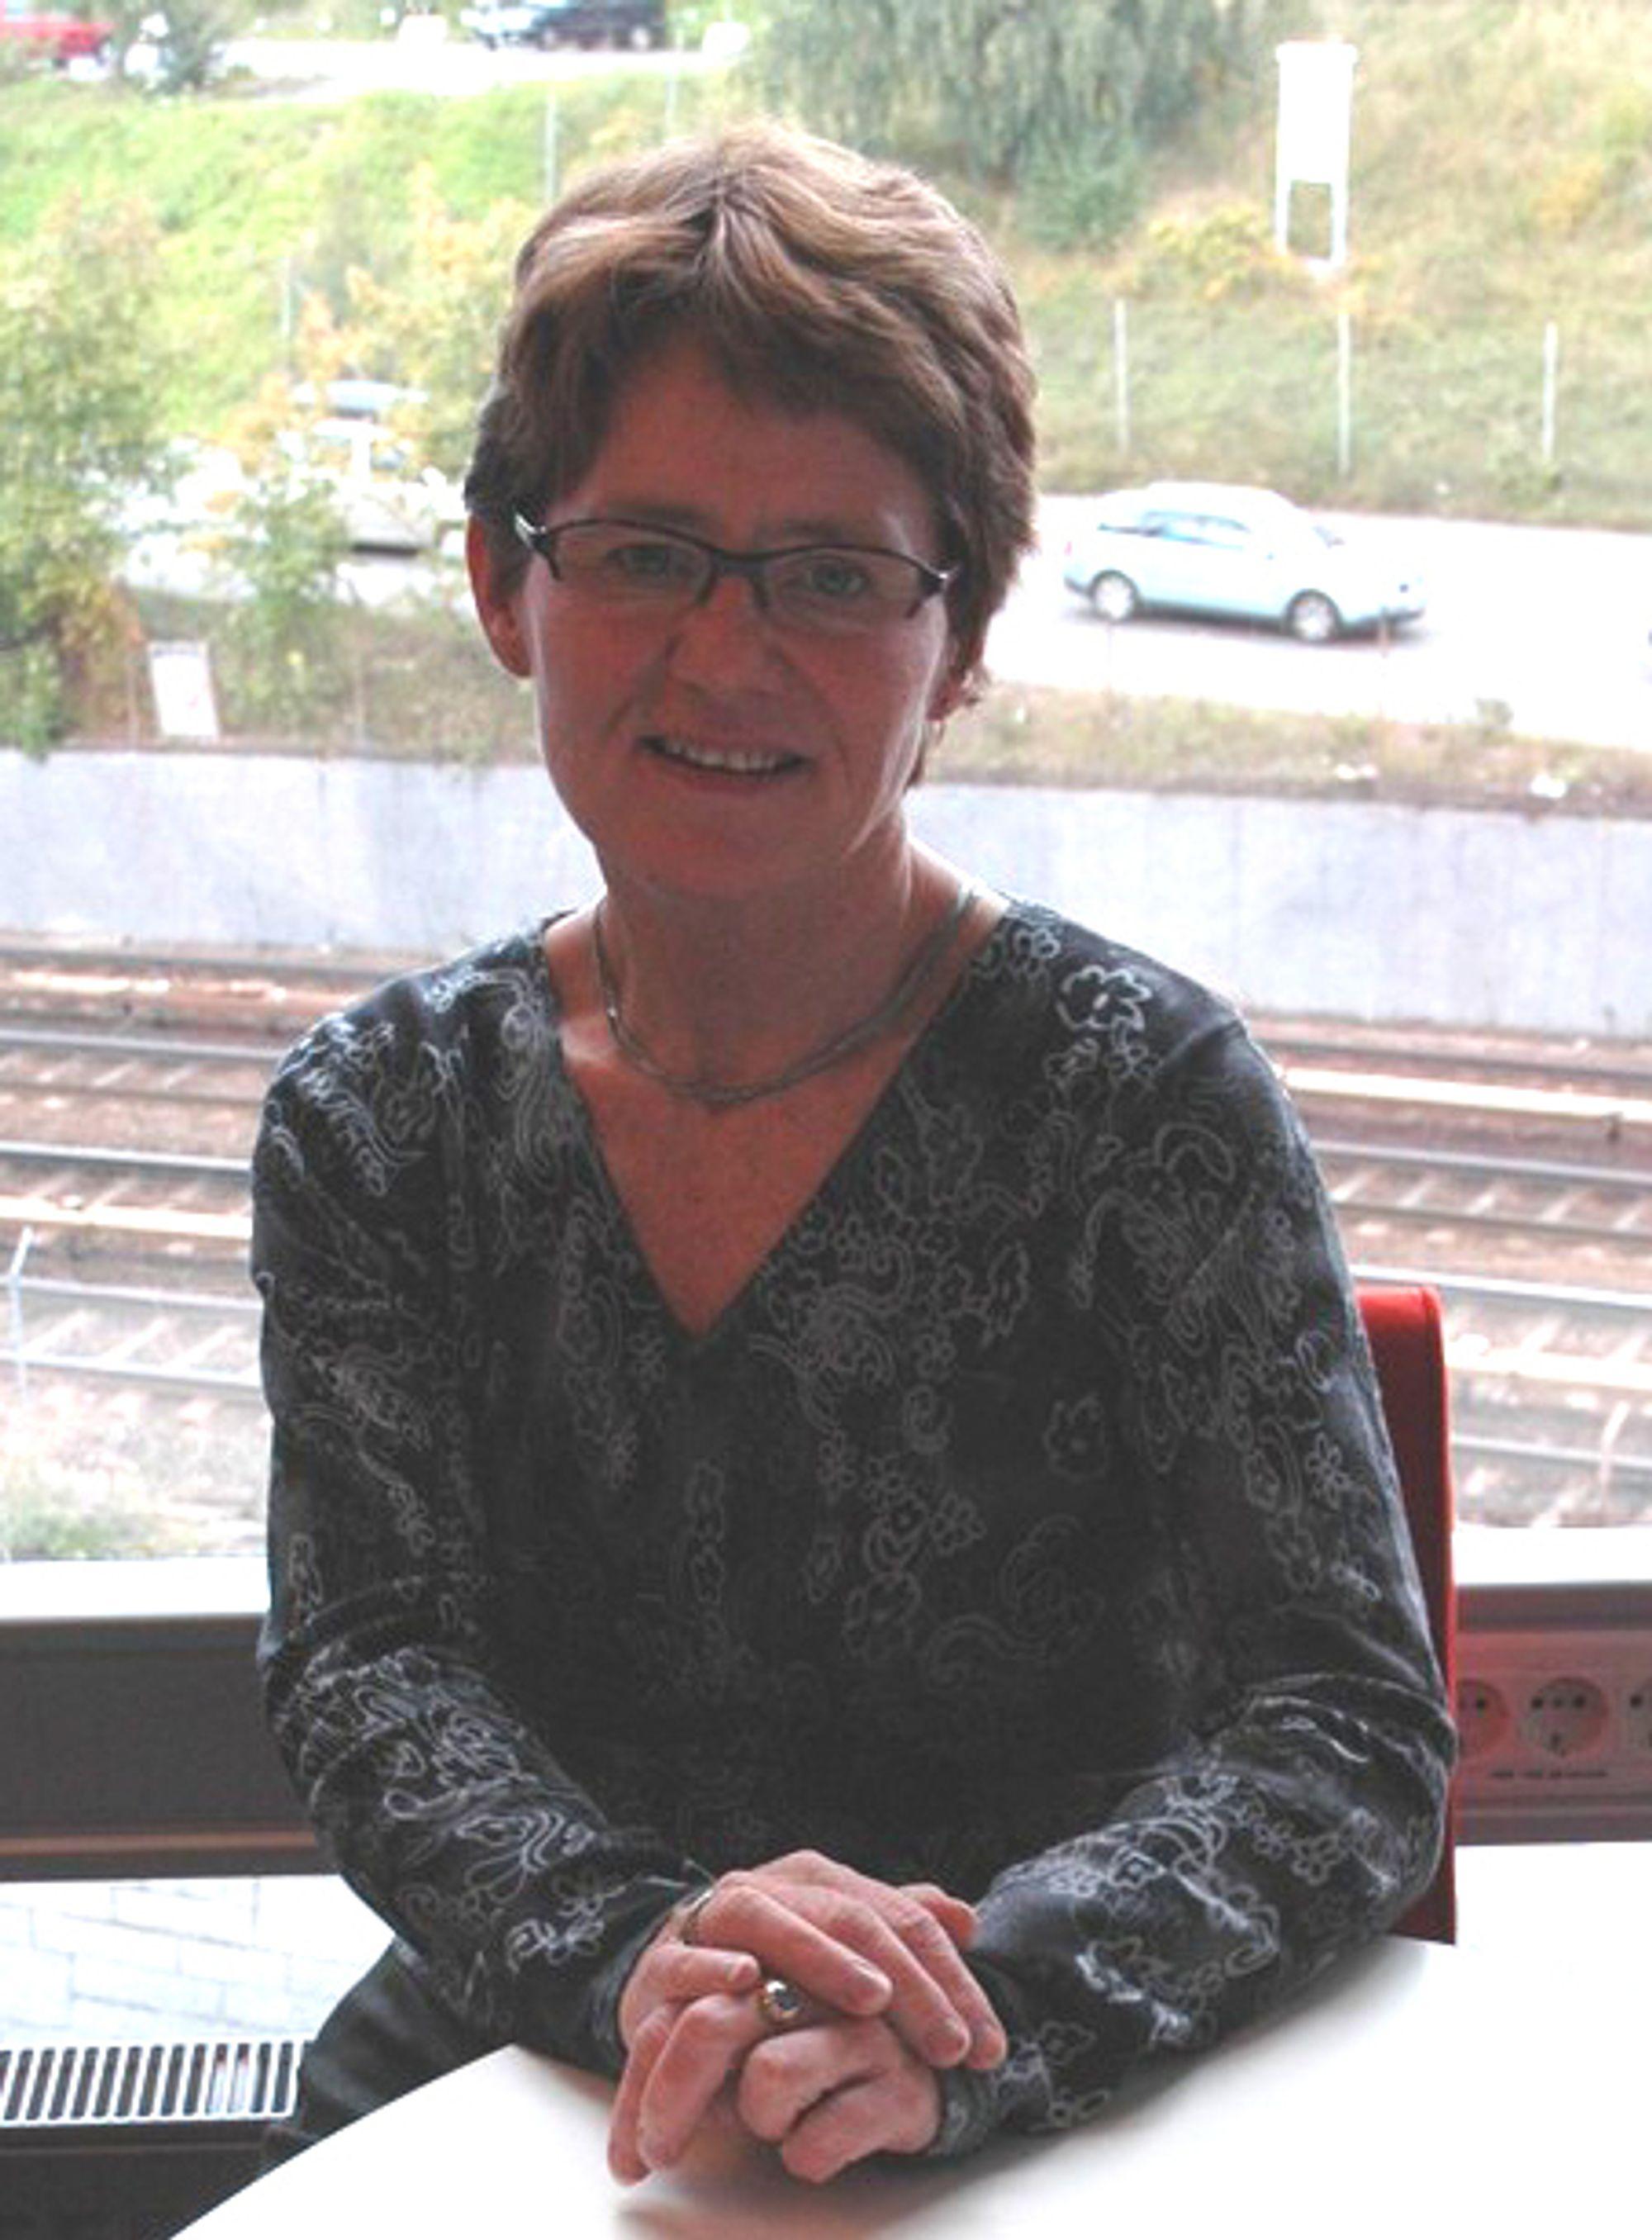 Eva Solvi er utpekt til å bygge opp Transnova, som skal fremme miljøvennlig transport på vegne av myndighetene.